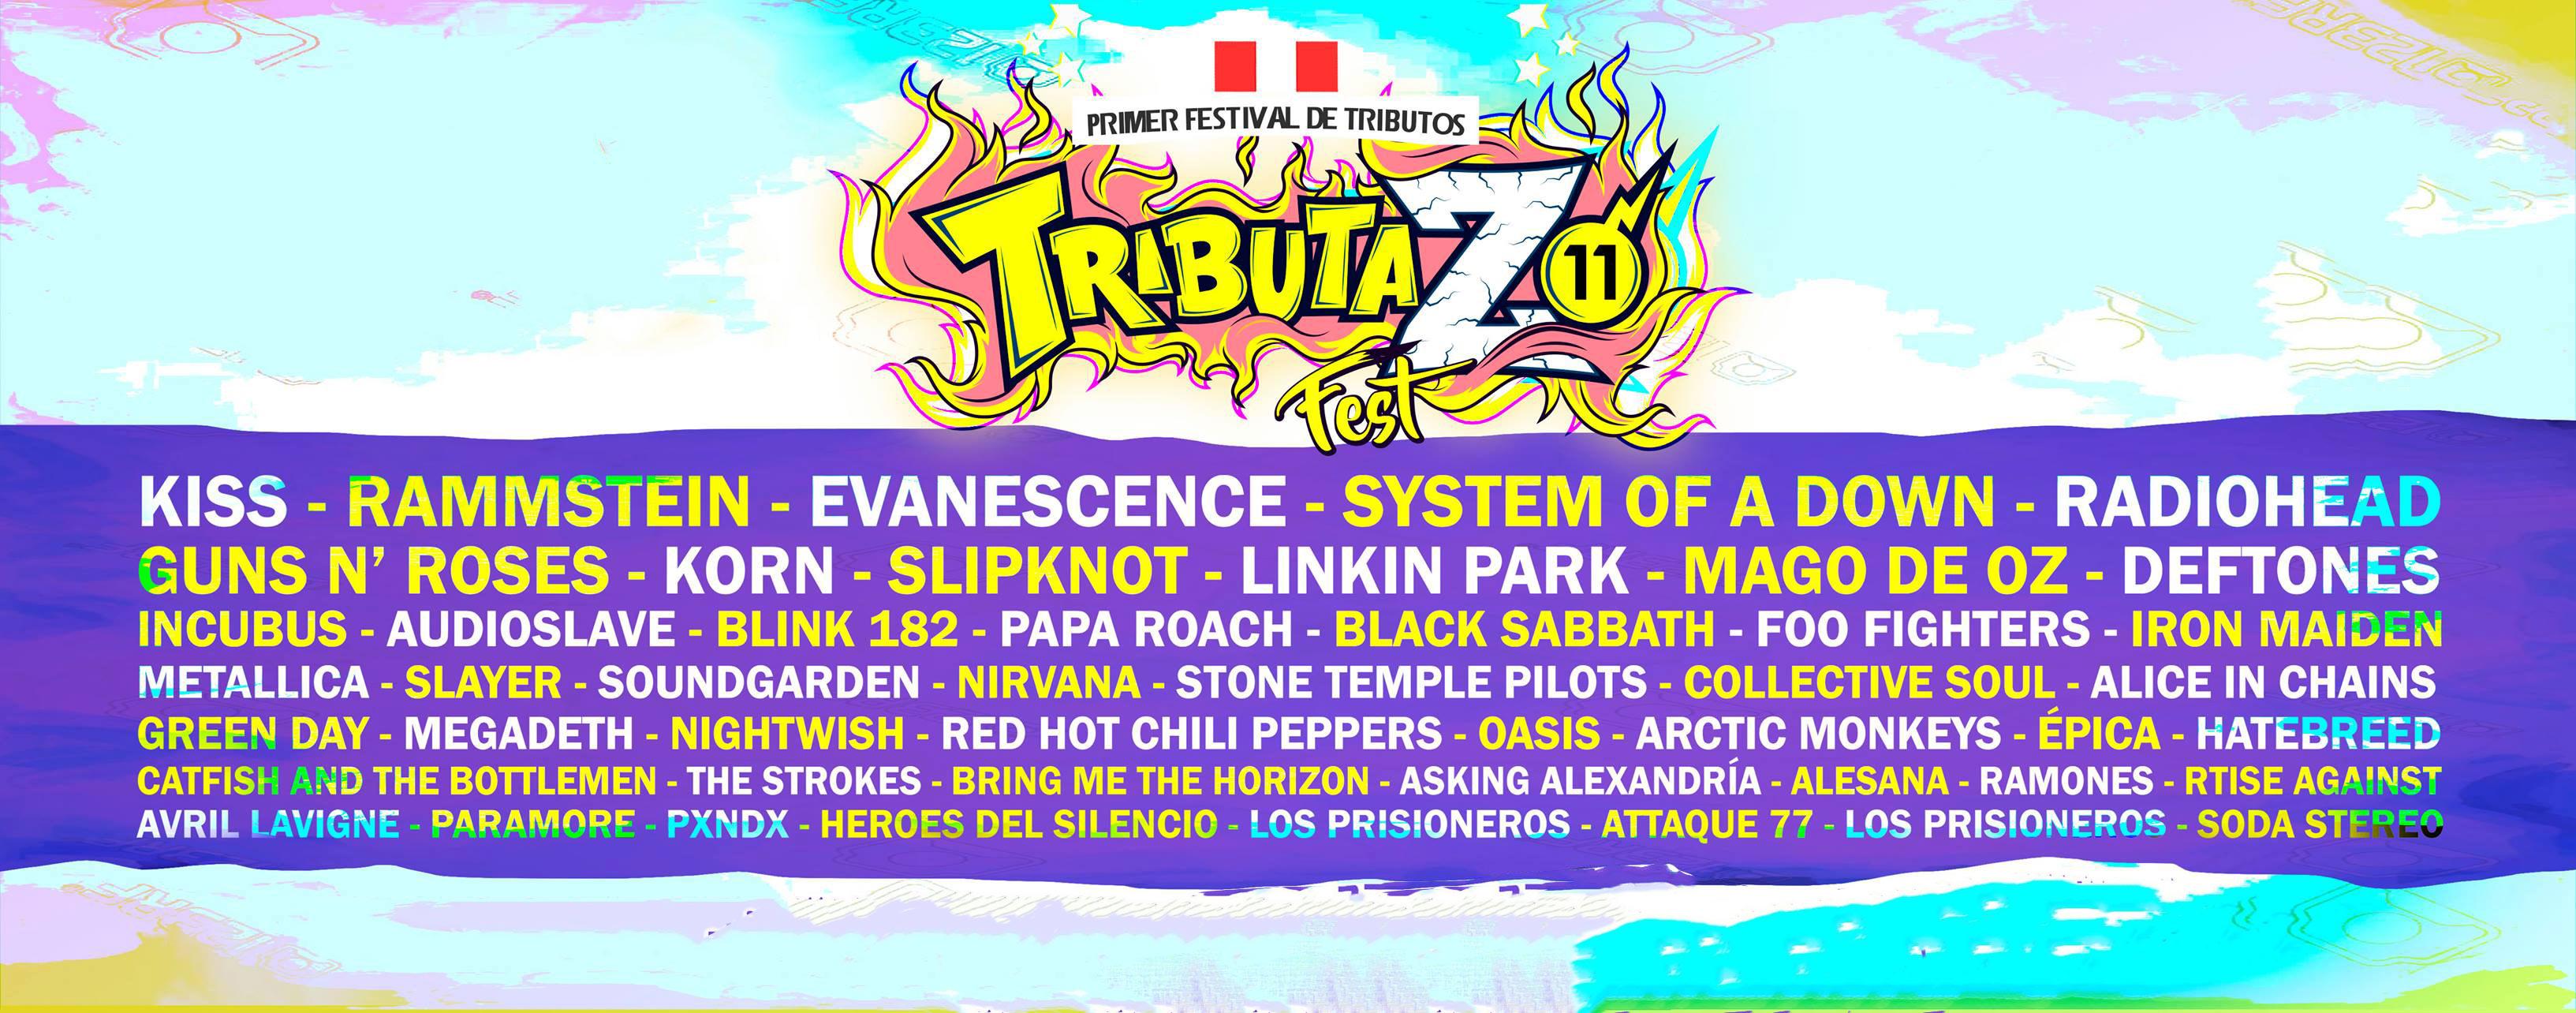 tributazo123